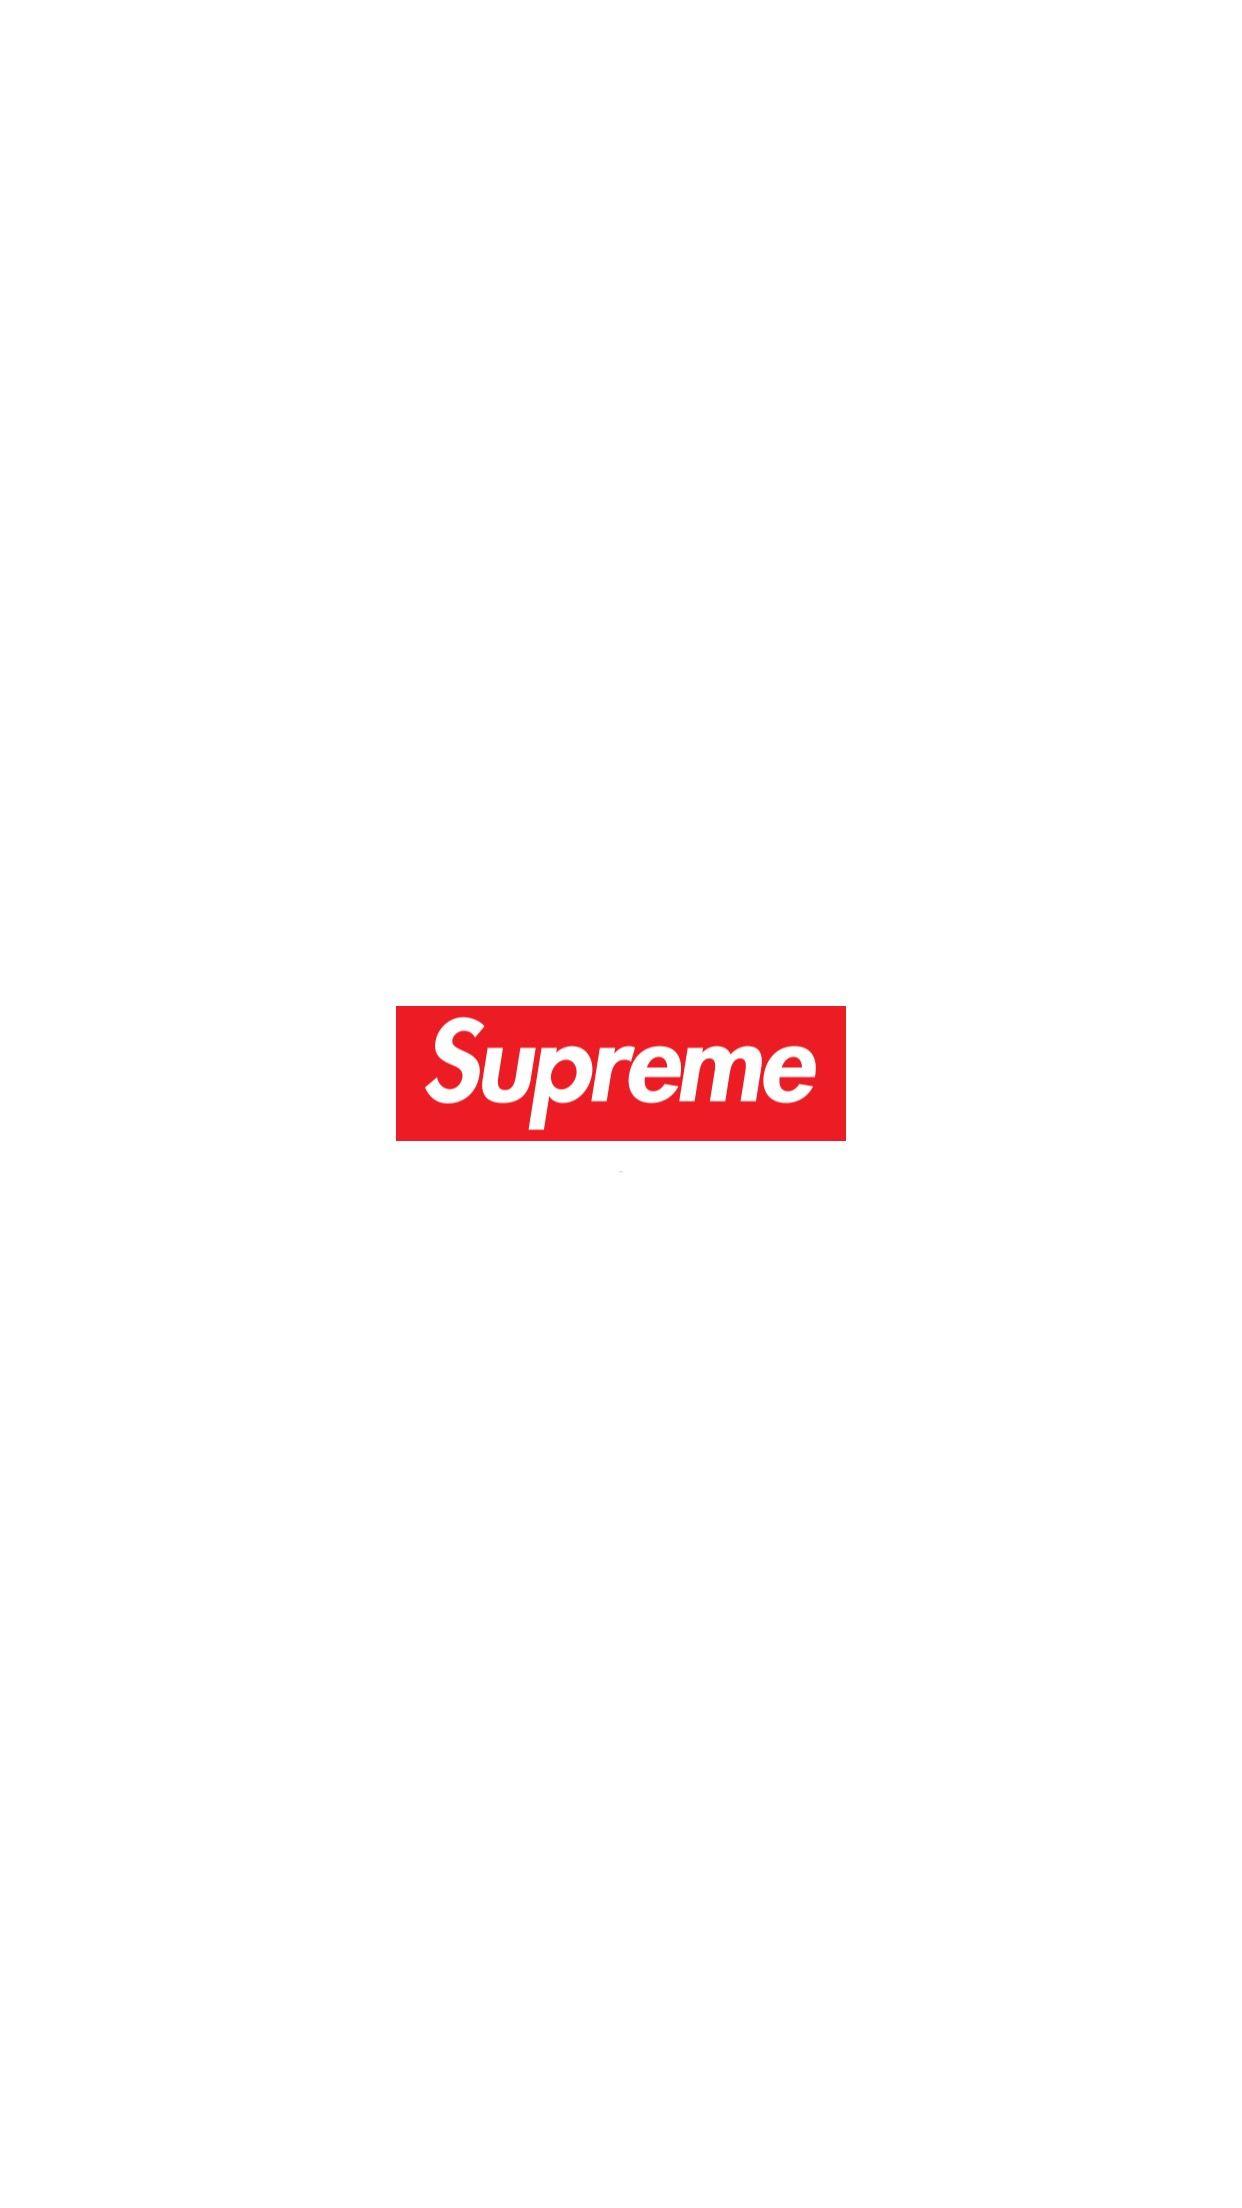 Supreme Supreme Wallpaper Preme Preme Wallpaper Supreme New York Imagem De Fundo Para Iphone Planos De Fundo Papel De Parede De Fundo